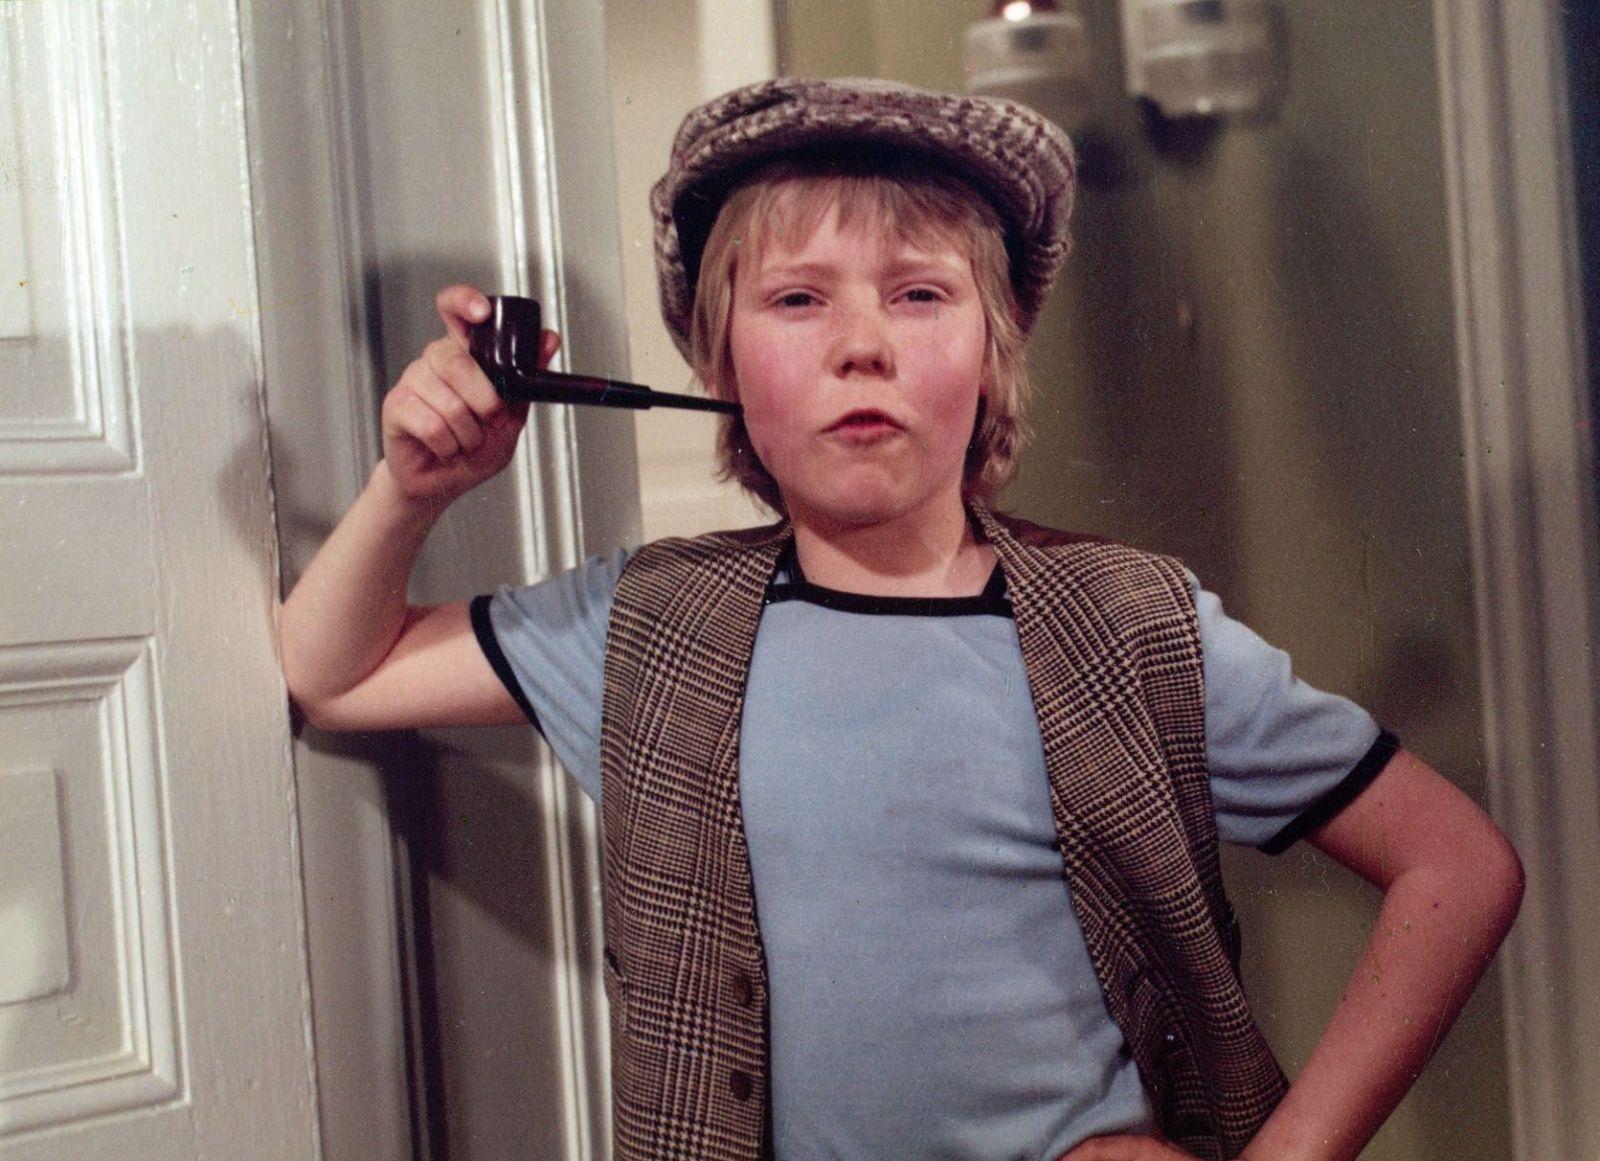 Szenenfoto aus dem Film Unternehmen Geigenkasten (Deutsche Demokratische Republik 1984,  Regie: Gunter Friedrich)